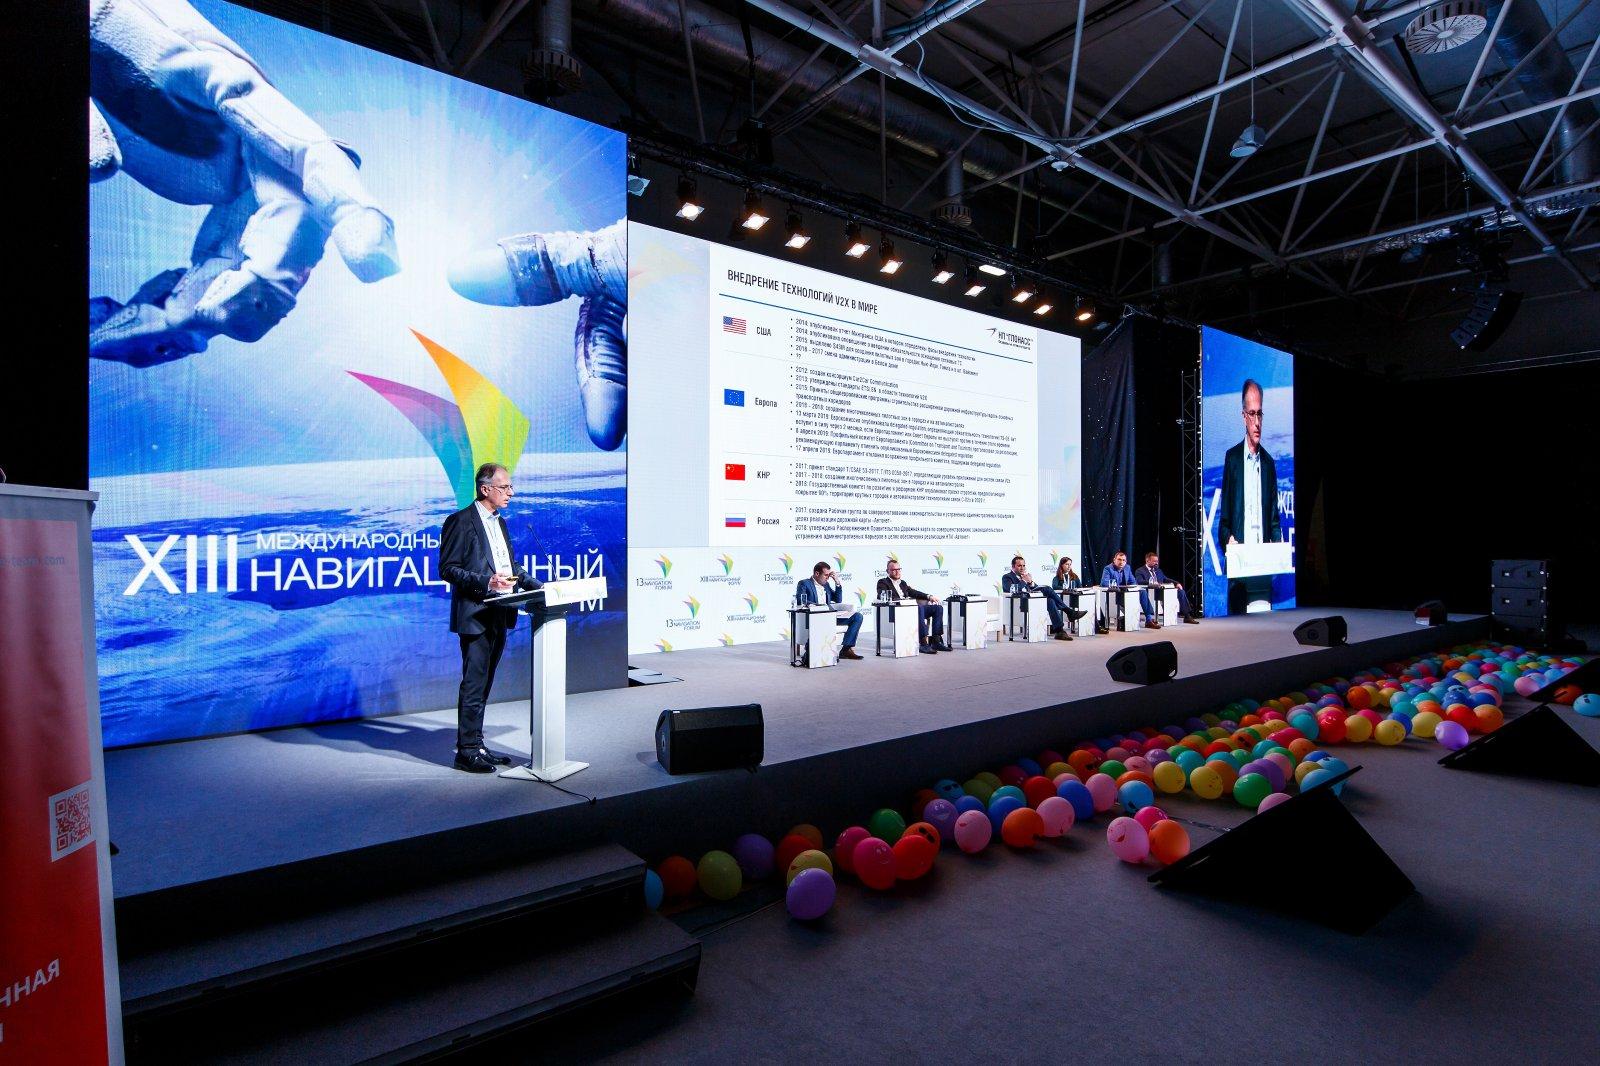 XIII Международный навигационный форум объединил лидеров технологической отрасли